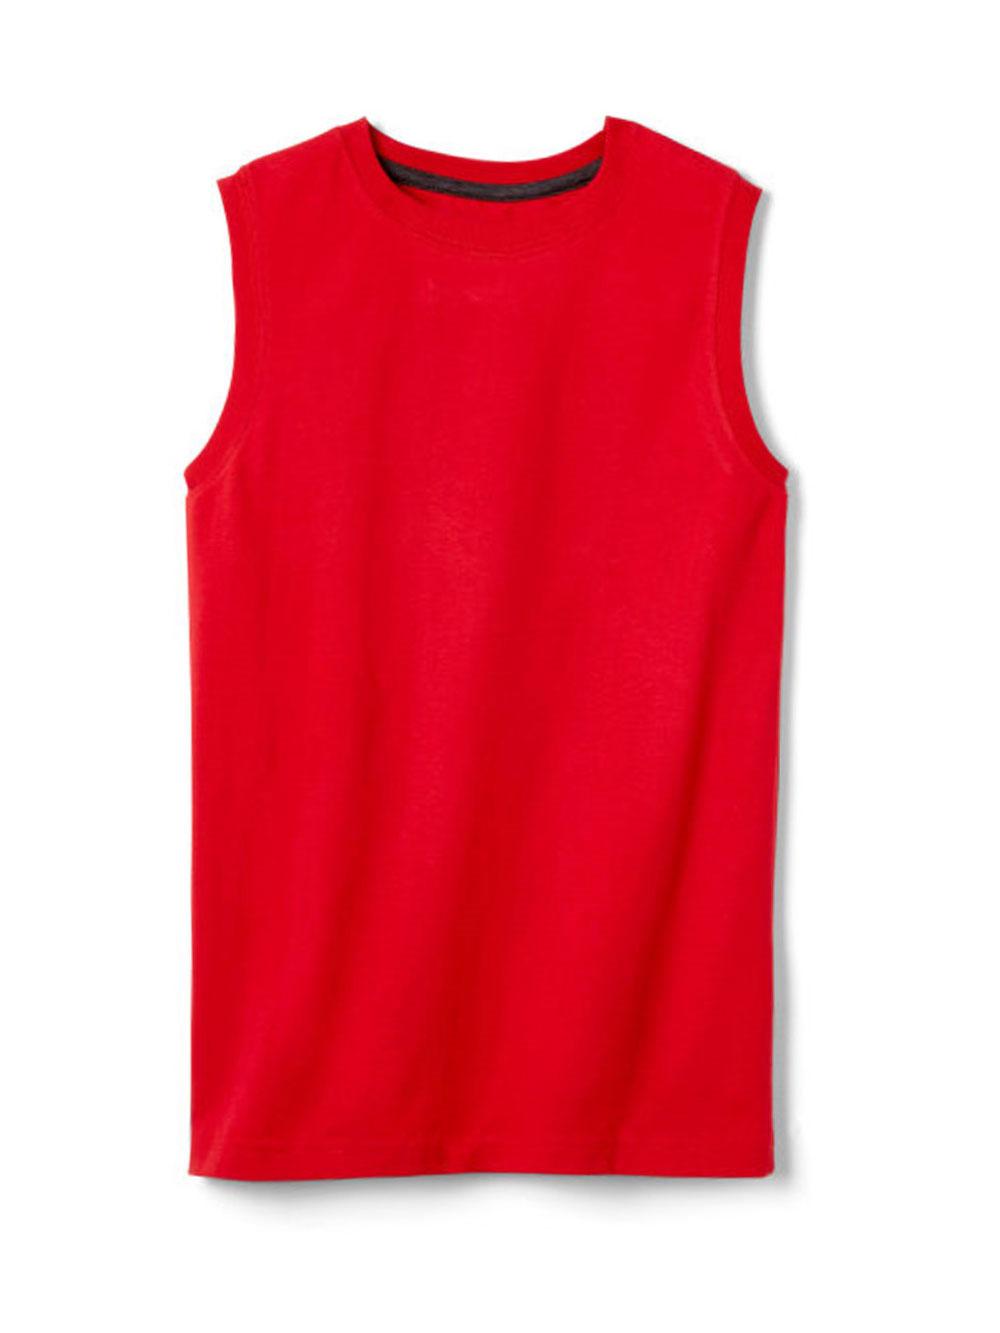 Image of French Toast Big Boys Sleeveless TShirt Sizes 8  20  red 8